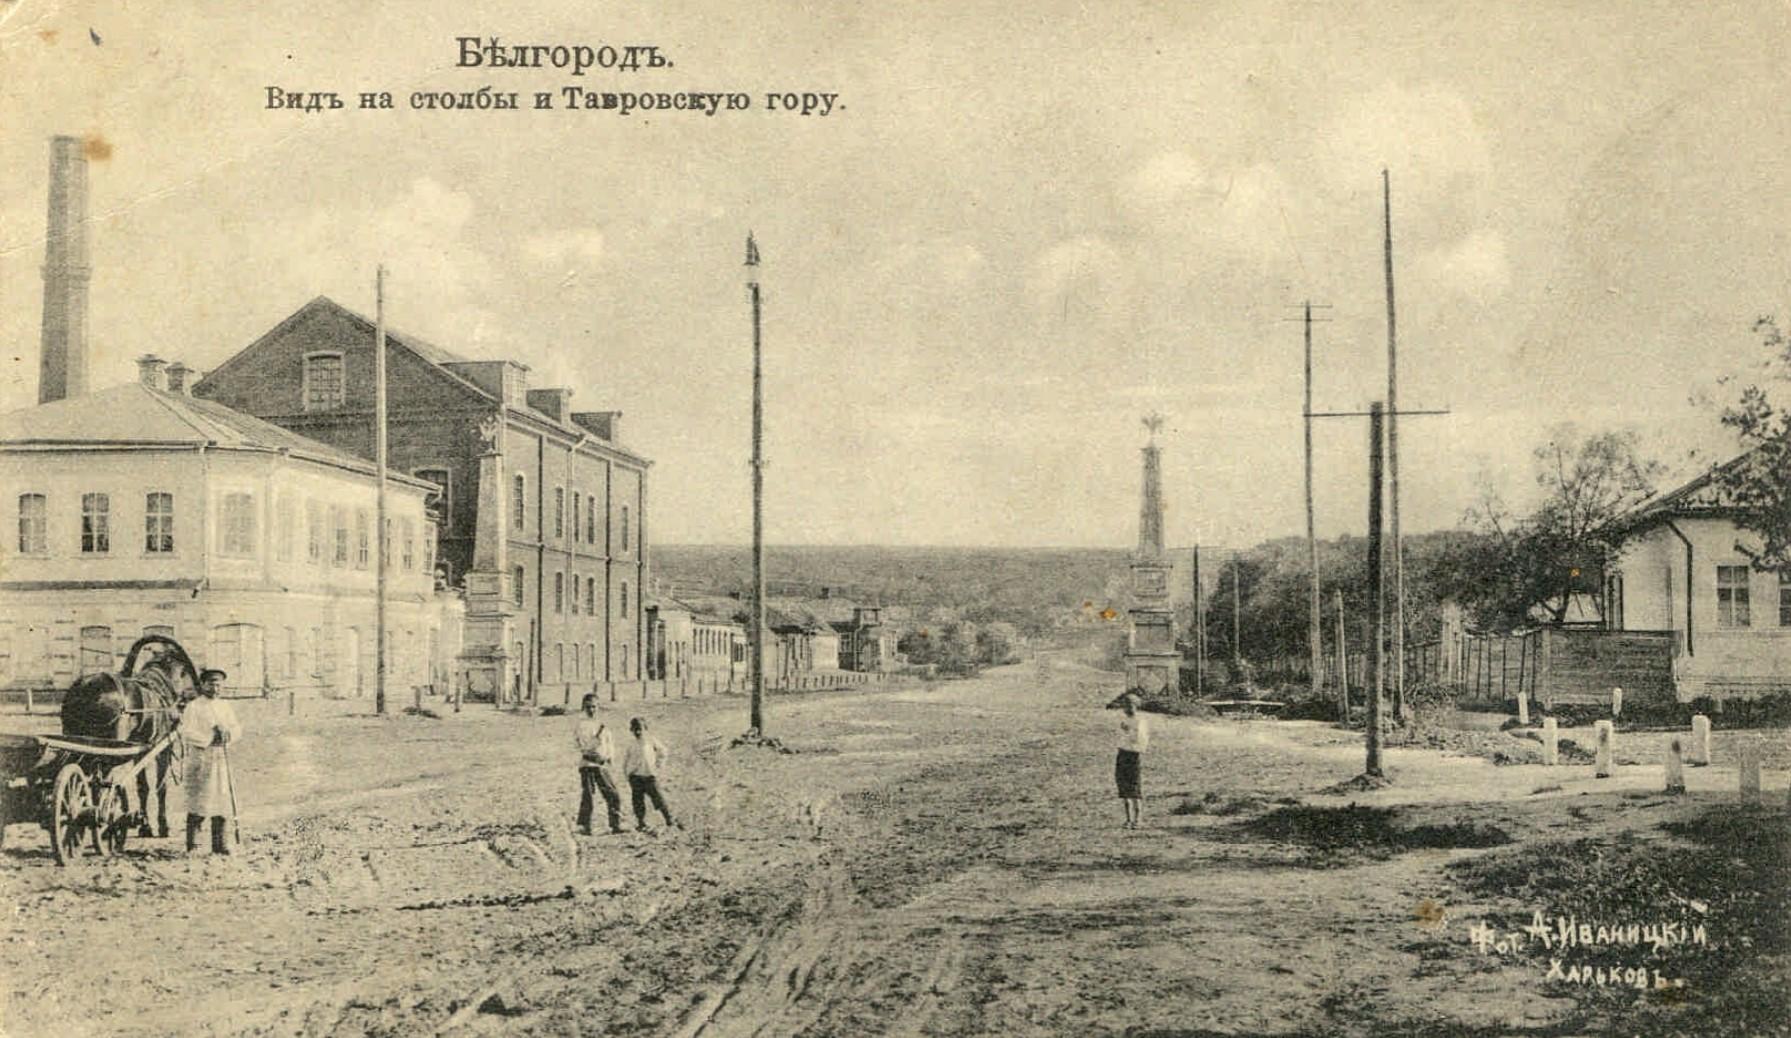 Вид на столбы и Тавровскую гору